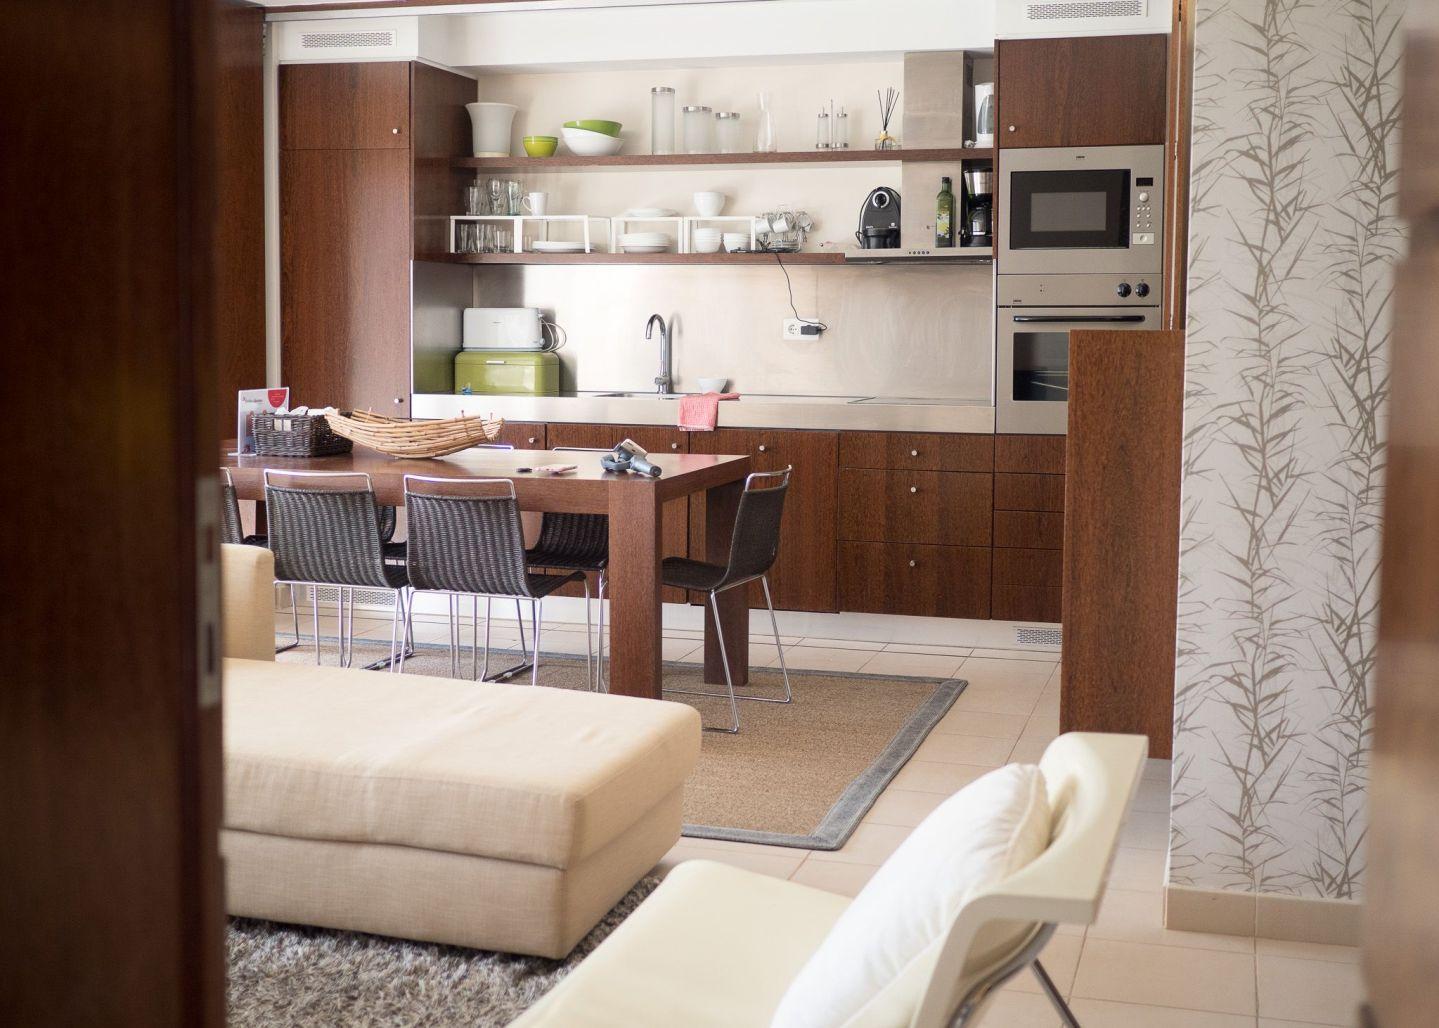 Apartamento algarve cocina